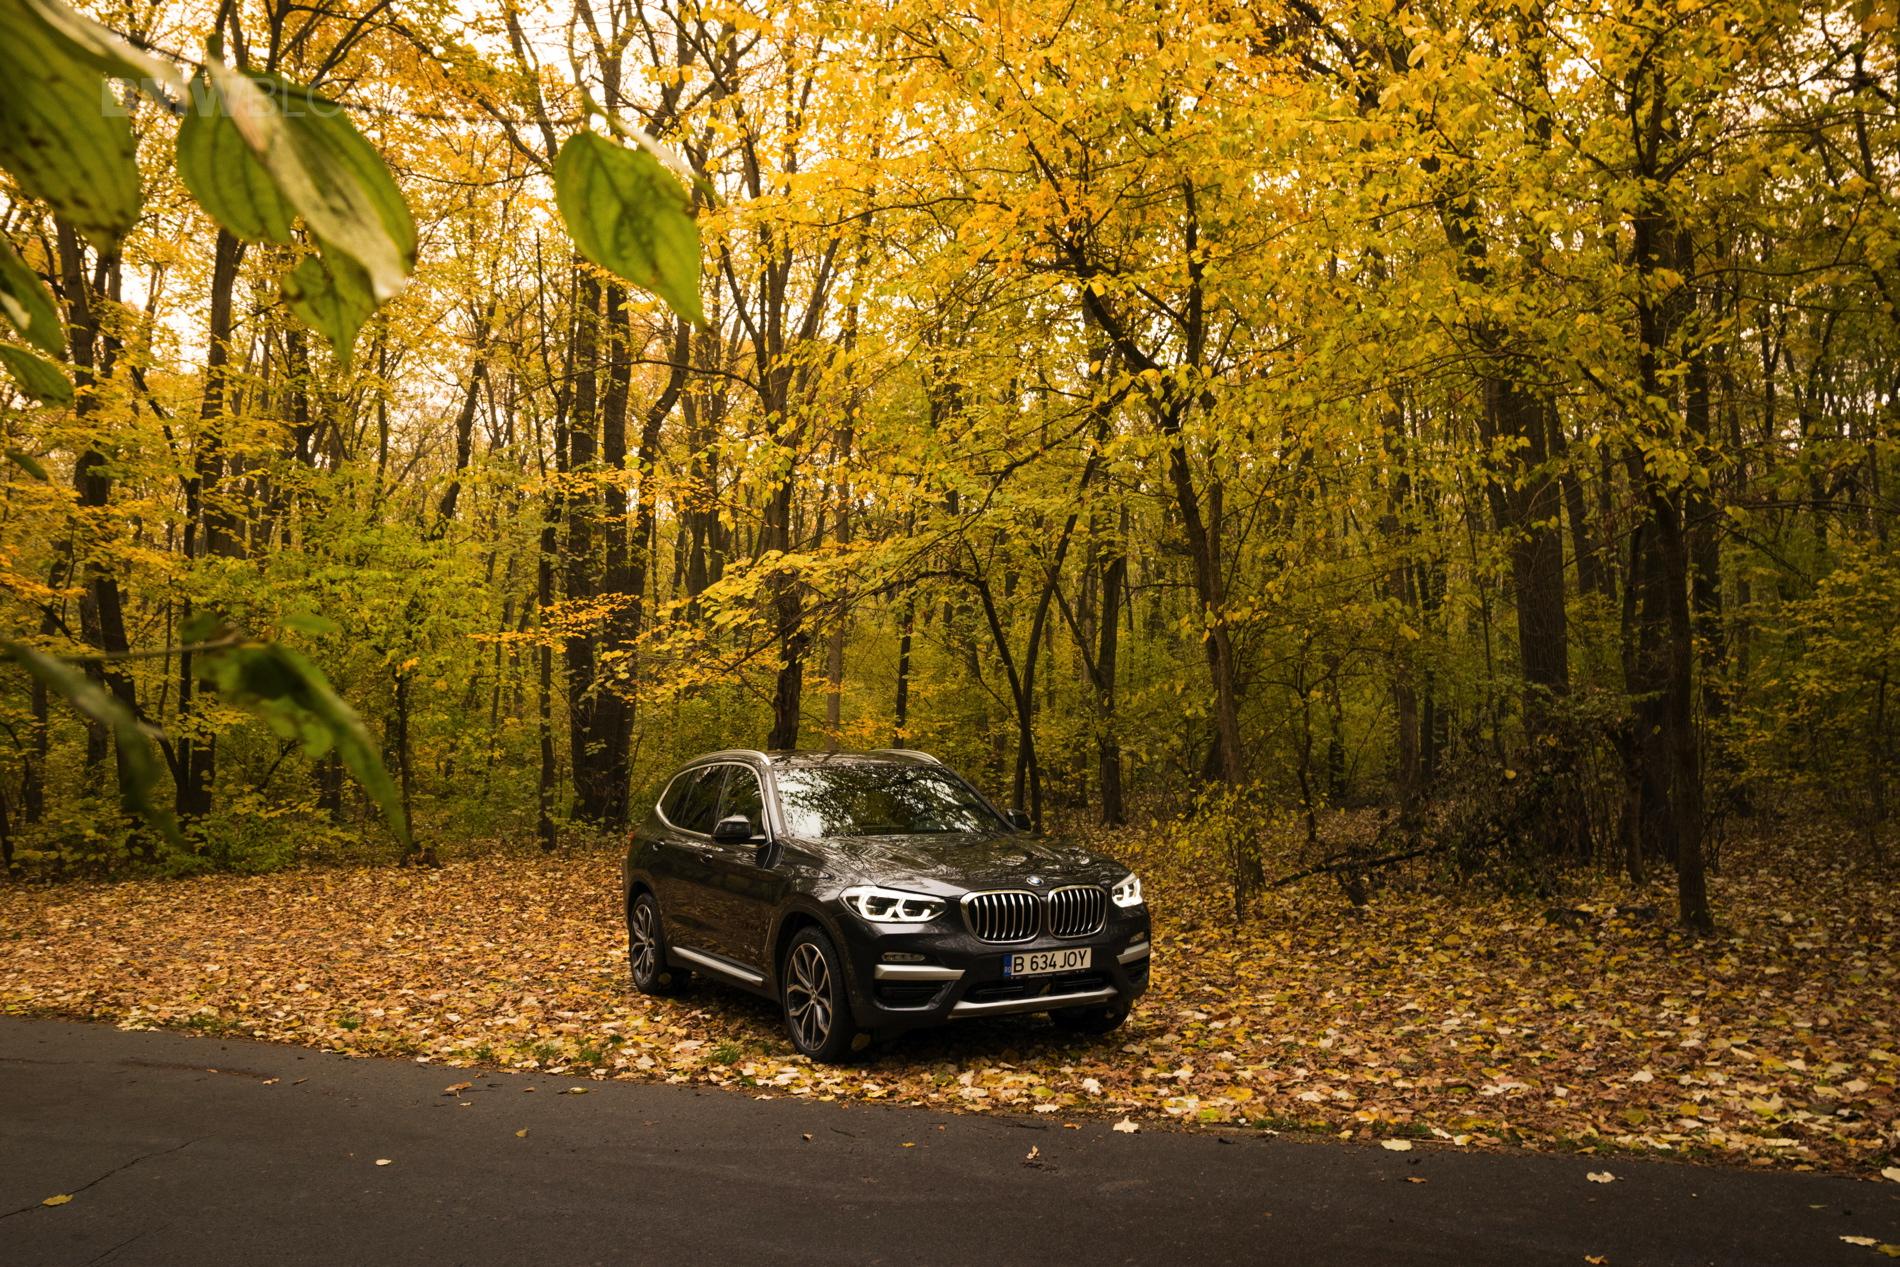 2017 BMW X3 xDrive20d test drive review 69